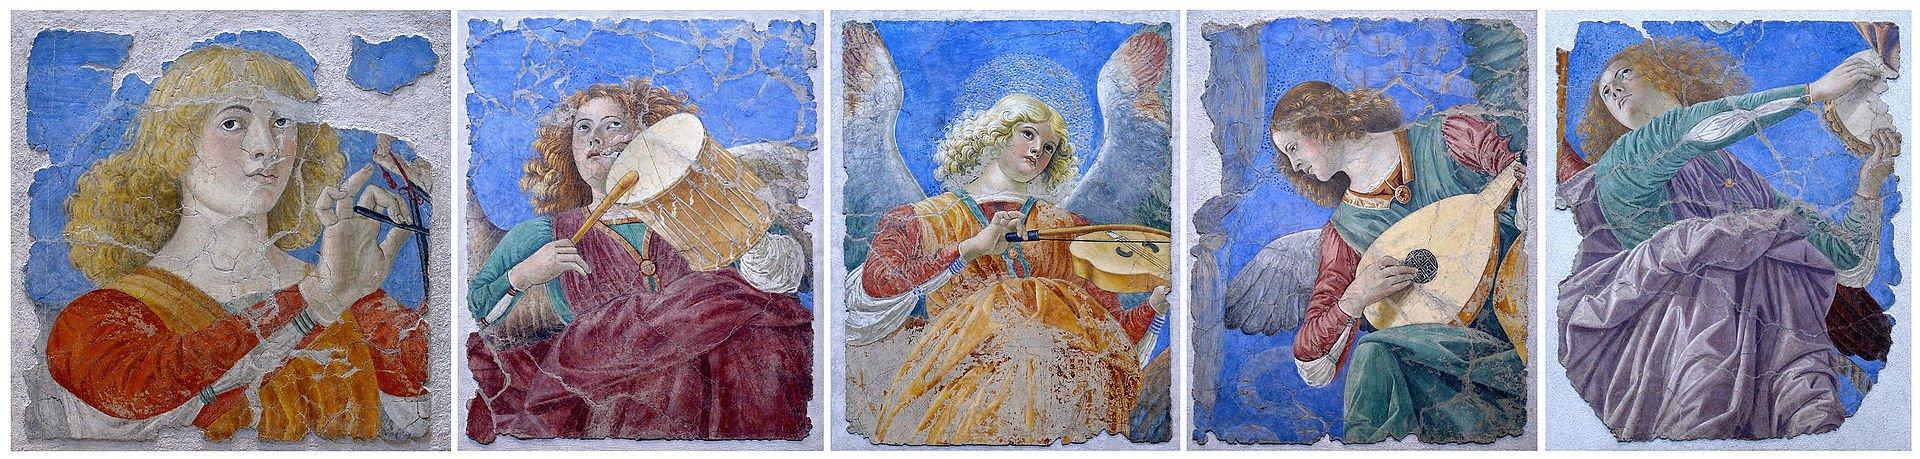 Ангелы Мелоццо-Пинакотека Ватикана